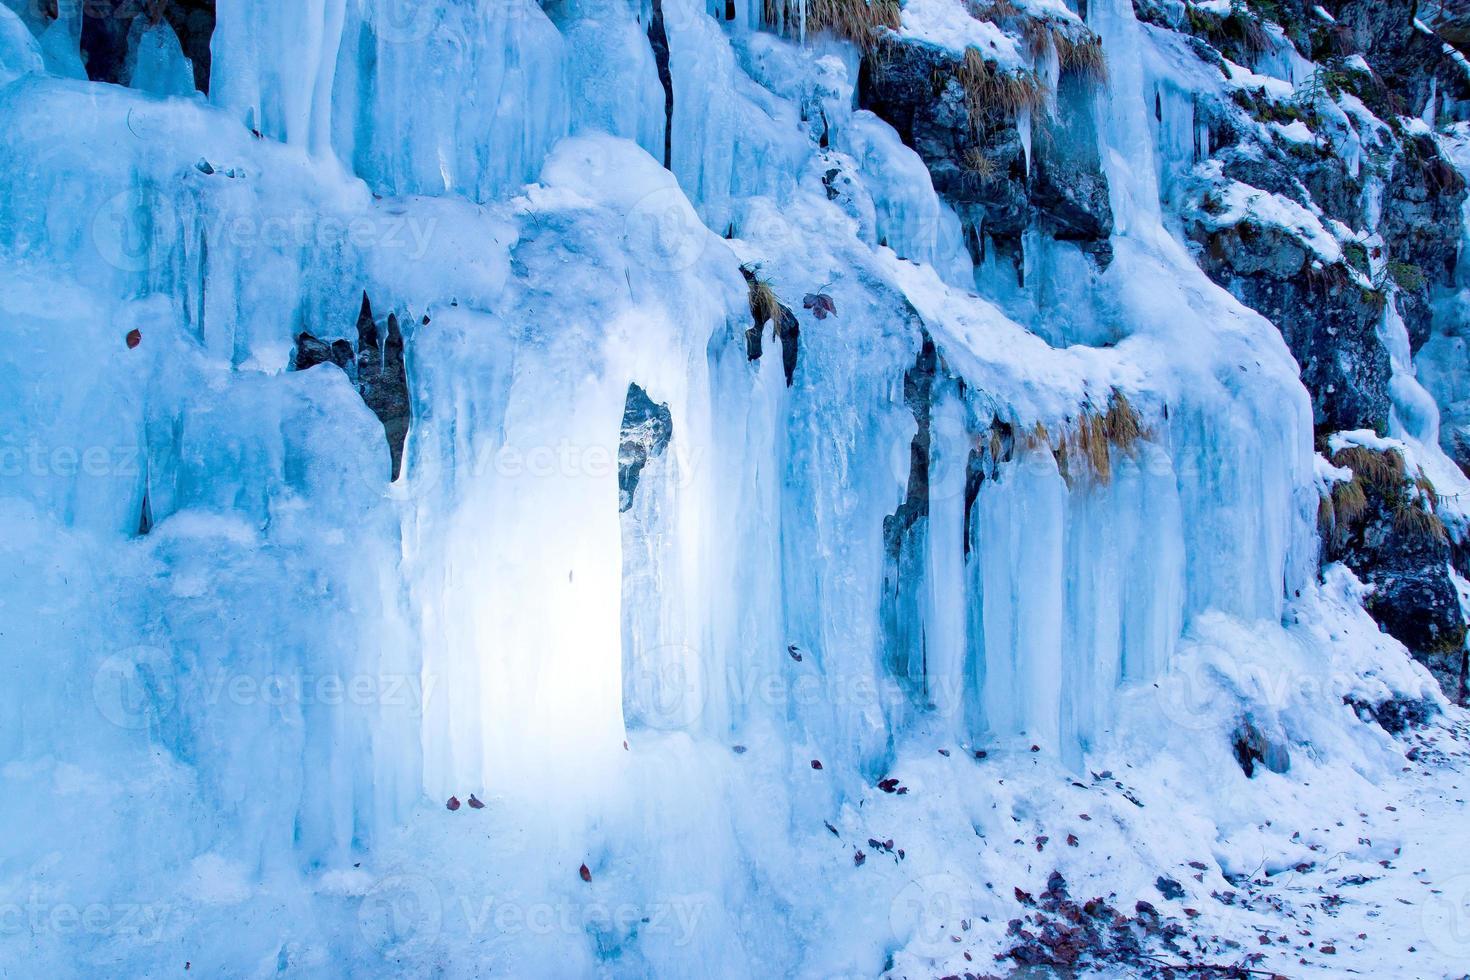 Gefrorener Wasserfall im Winter photo